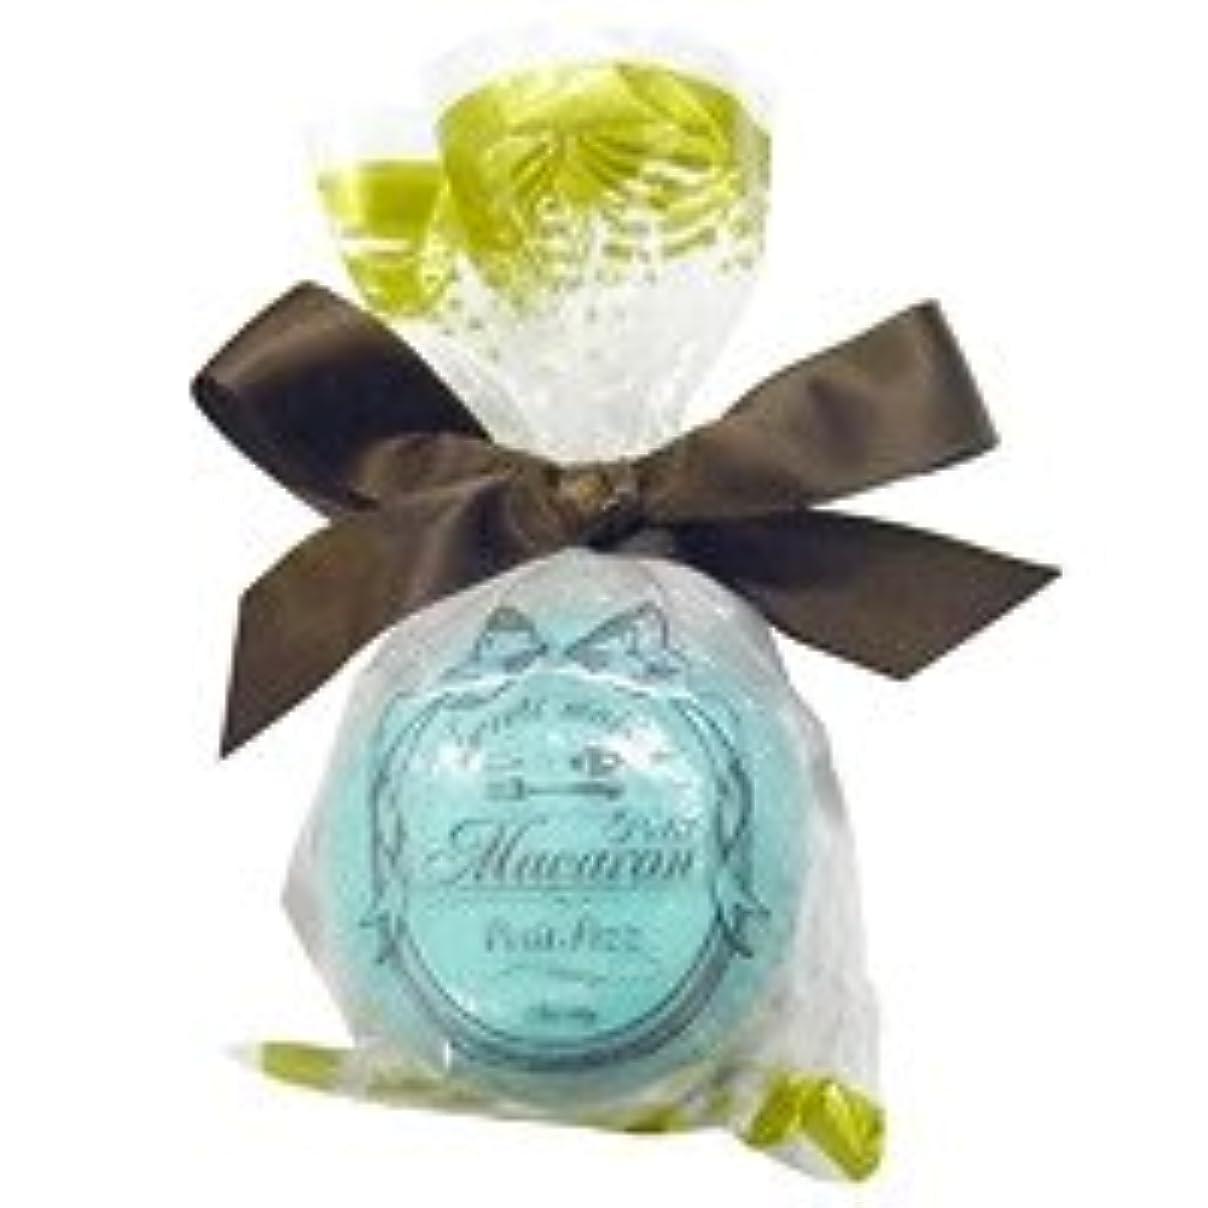 の既婚発表スウィーツメゾン プチマカロンフィズ「ターコイズ」12個セット 香り豊かなグリーンティの香り